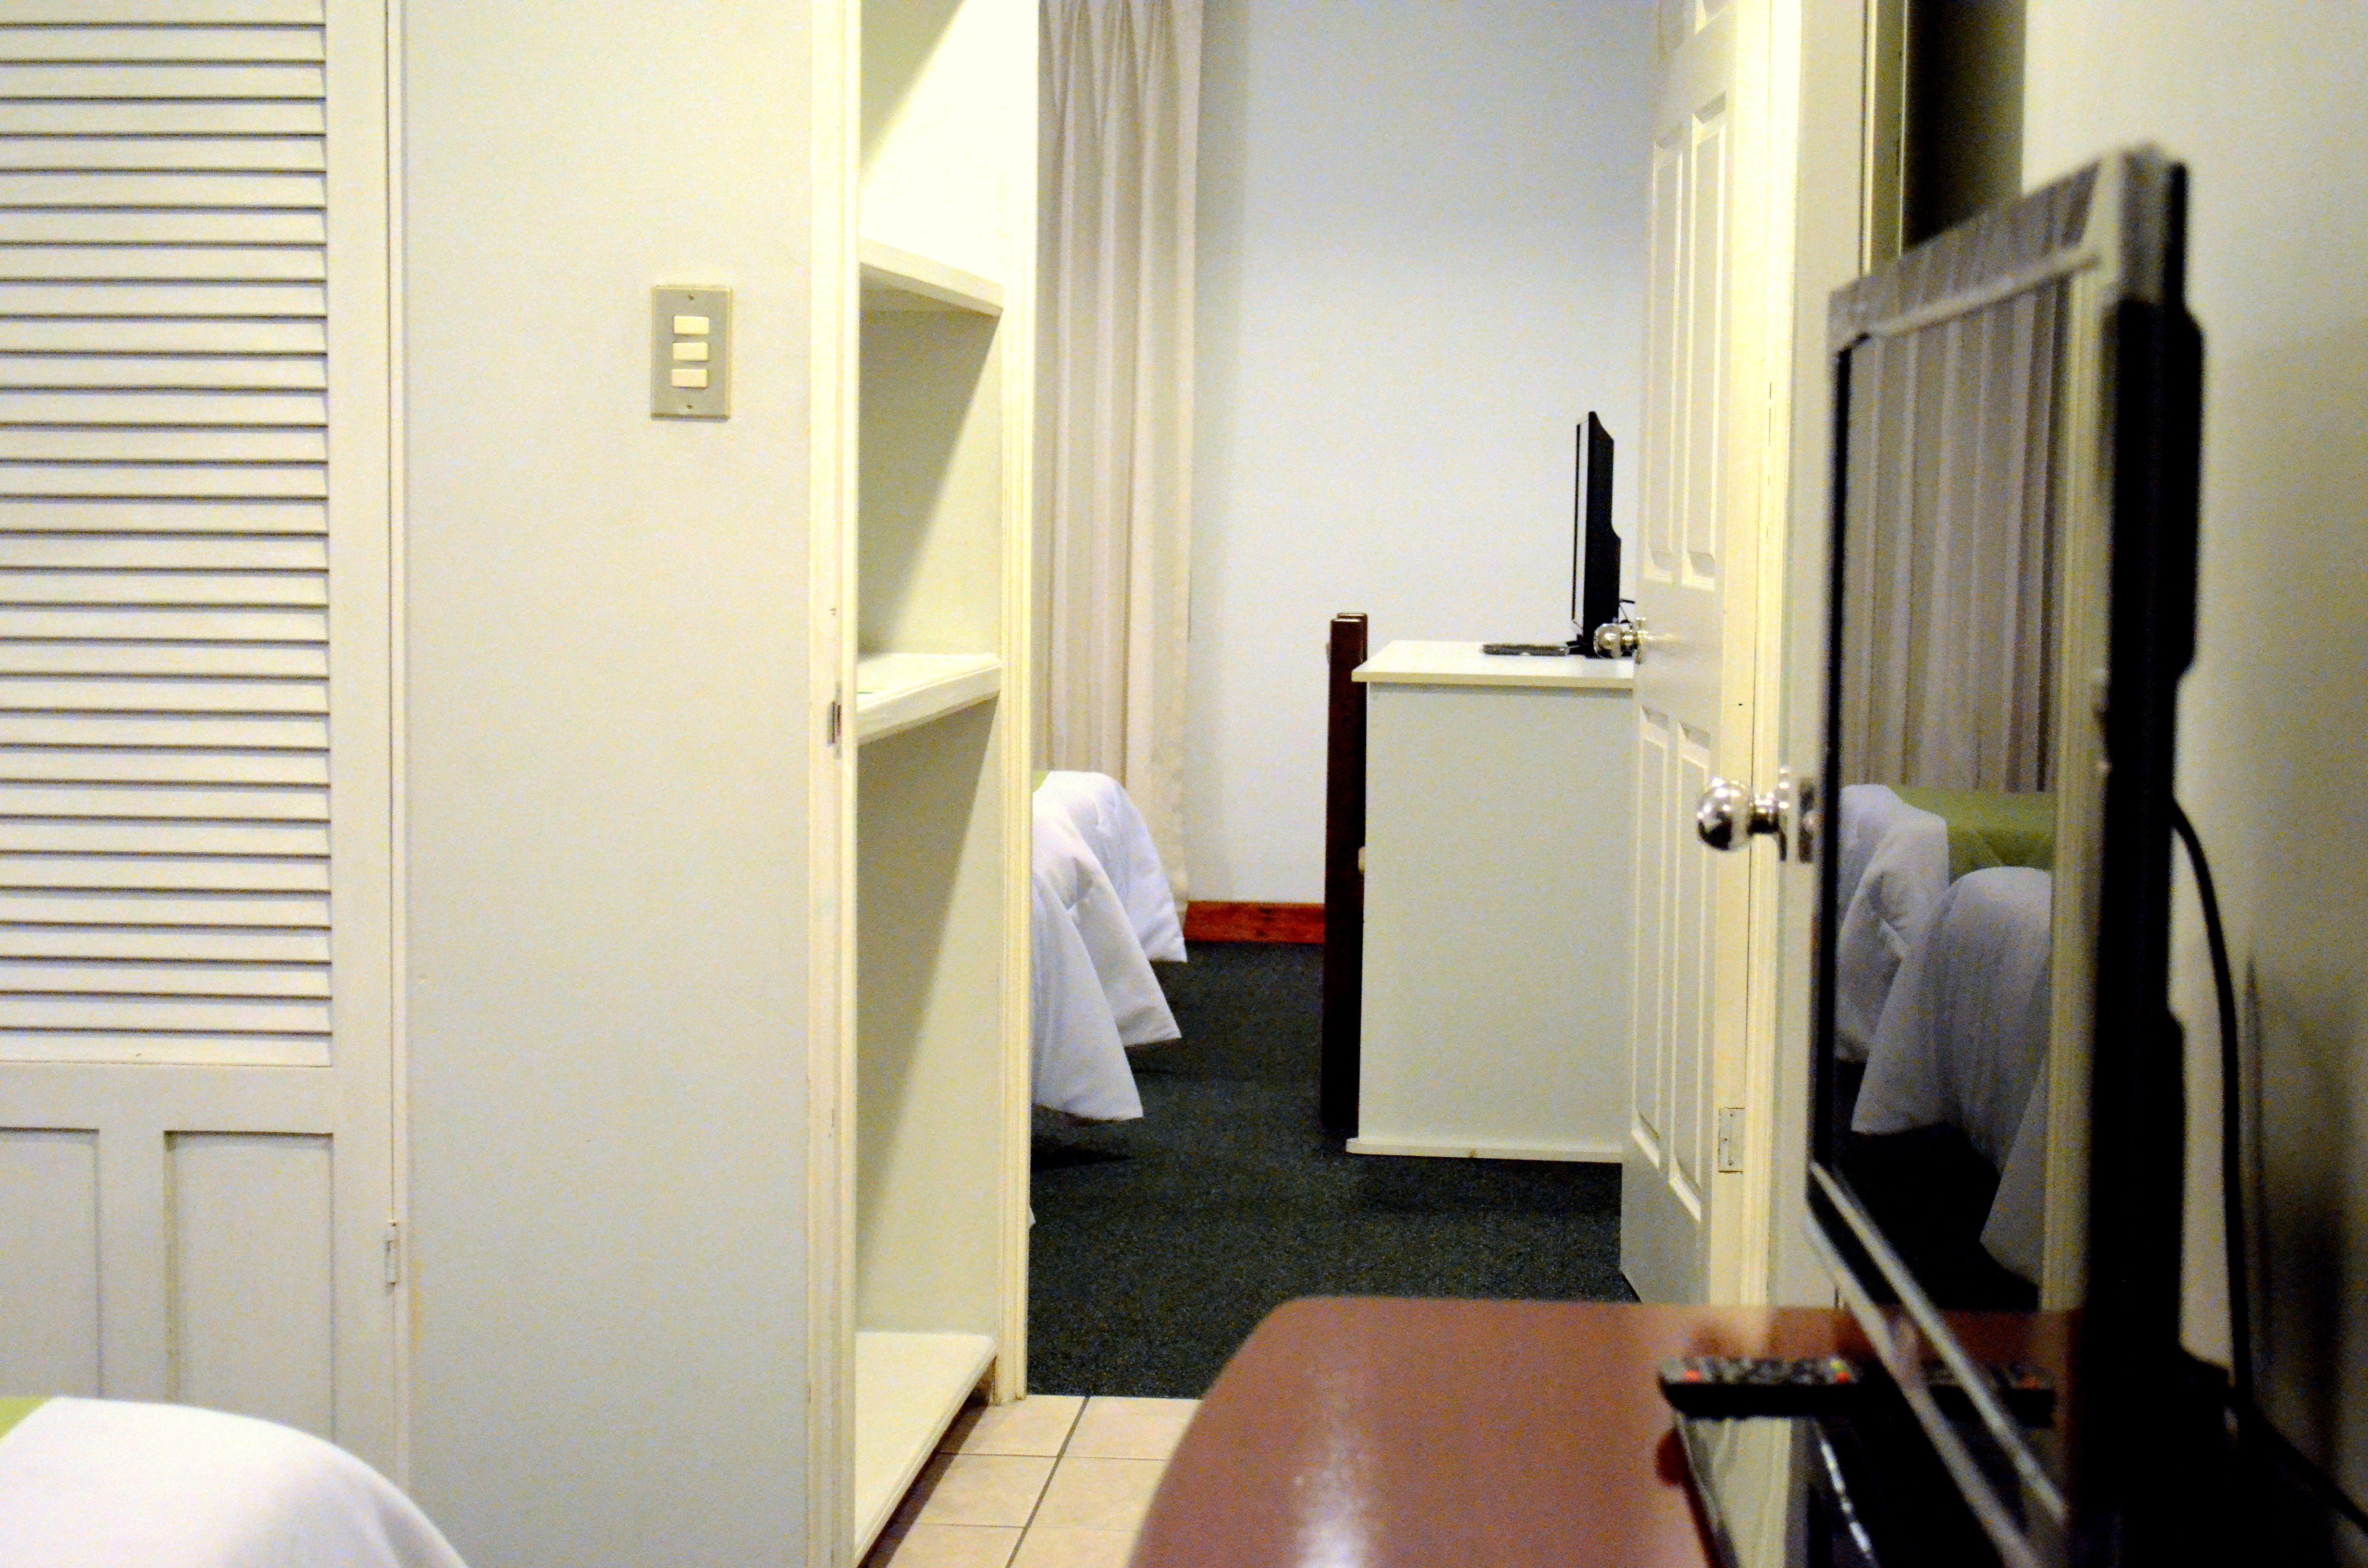 Master Suite Con Sala Comedor 2 Habitaciones Independientes Tv Cable Kitchenette Totalmente Equipada Y Bano Grande C Habitacion Sala Comedor Apartamentos